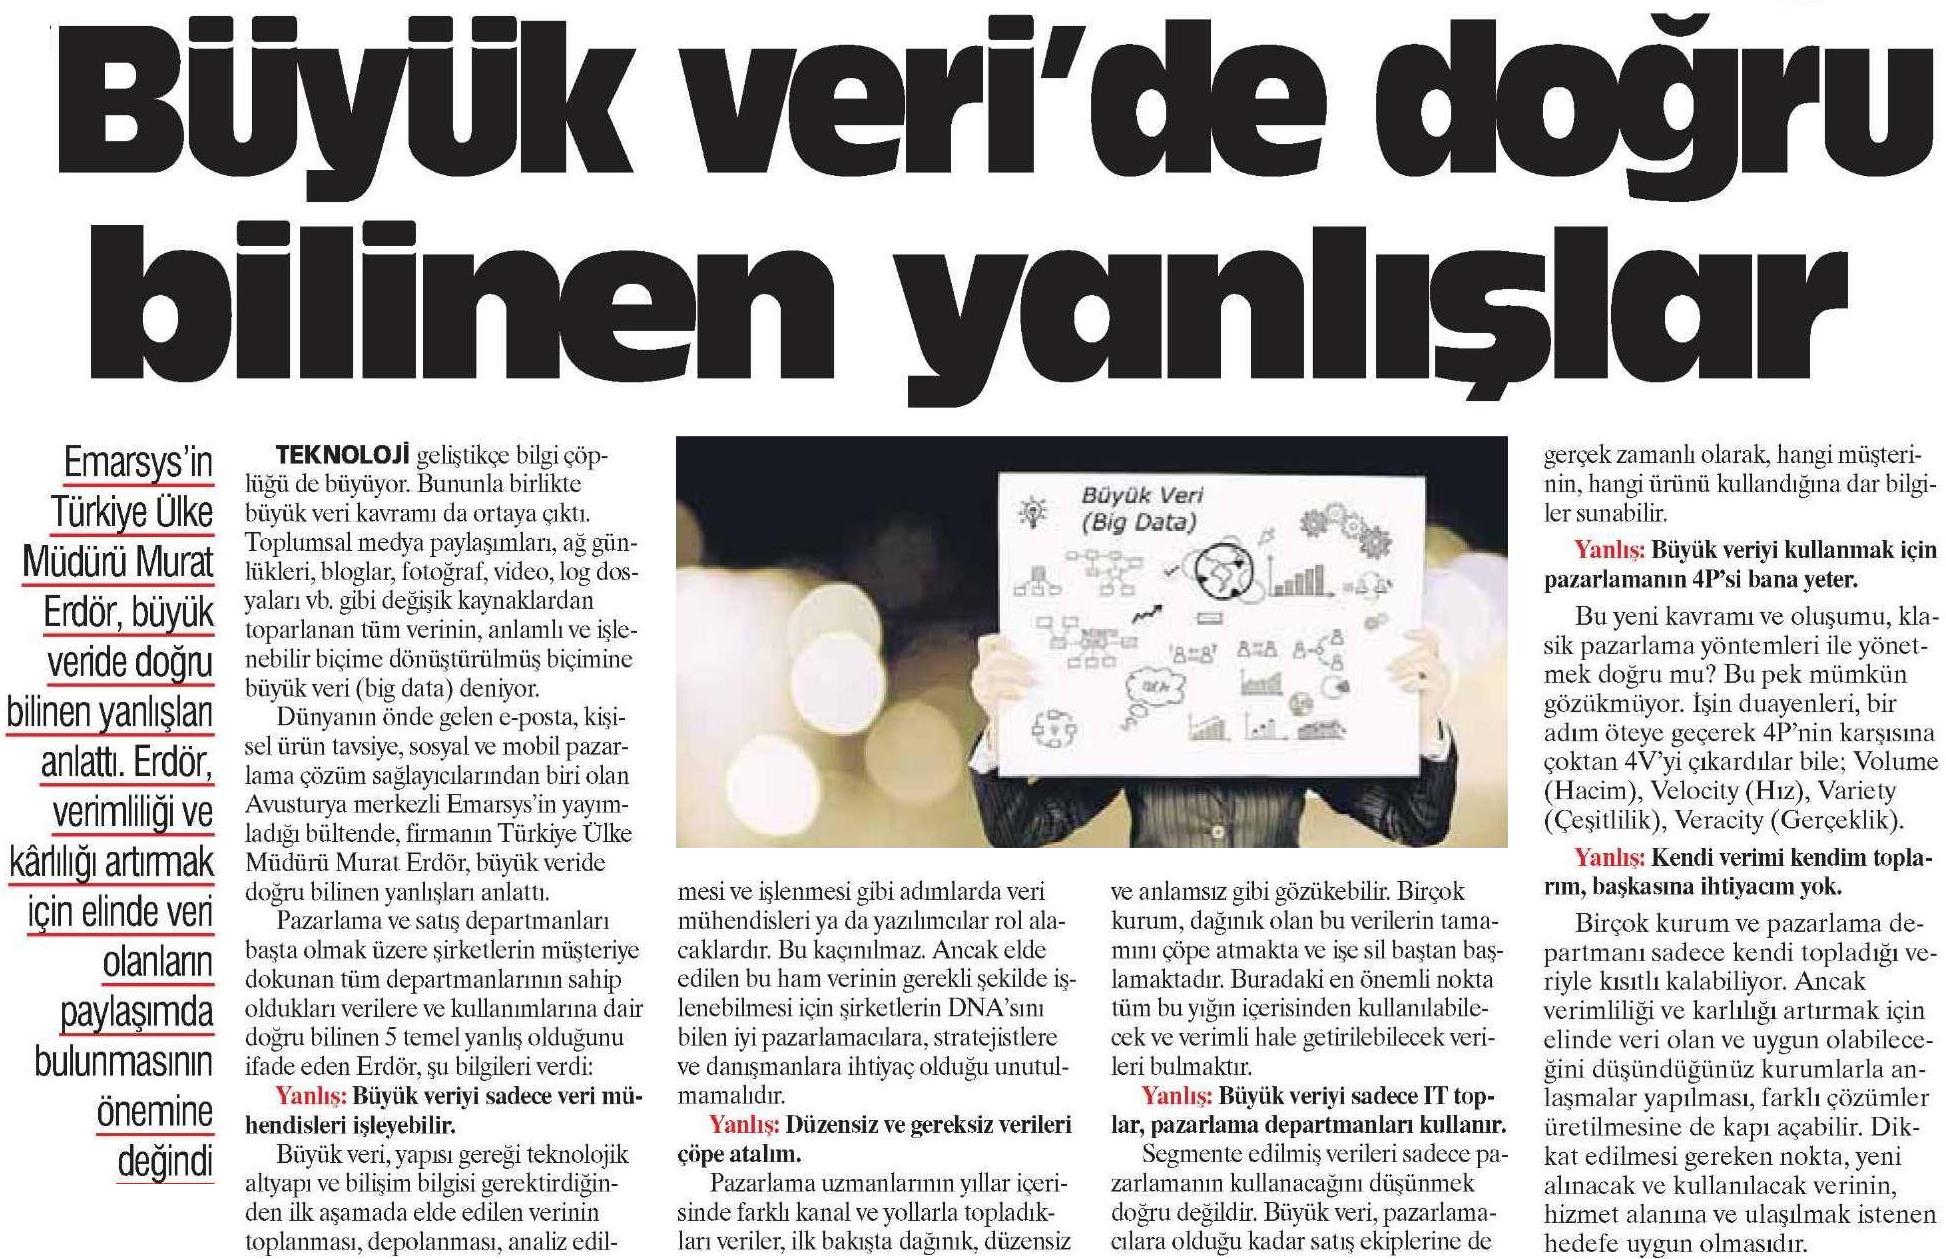 42 - Aydınlık Gazetesi_muraterdor.com_6.6.2015